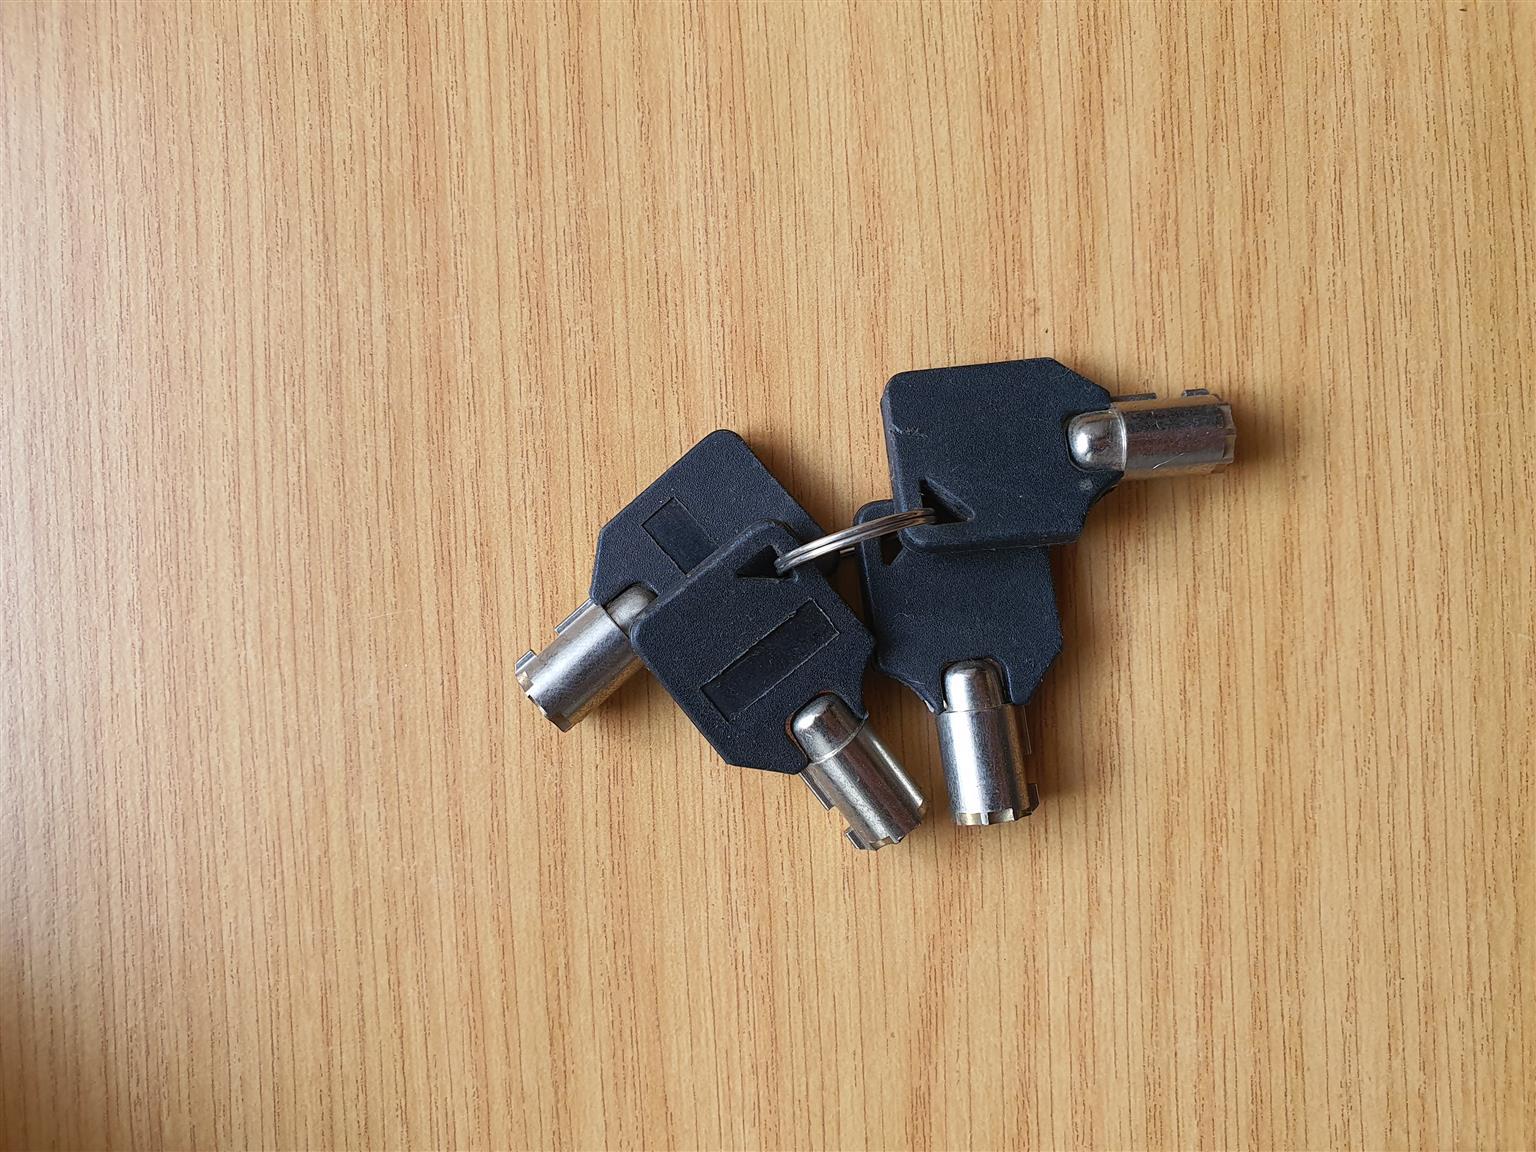 Heavy Duty Cable Lock